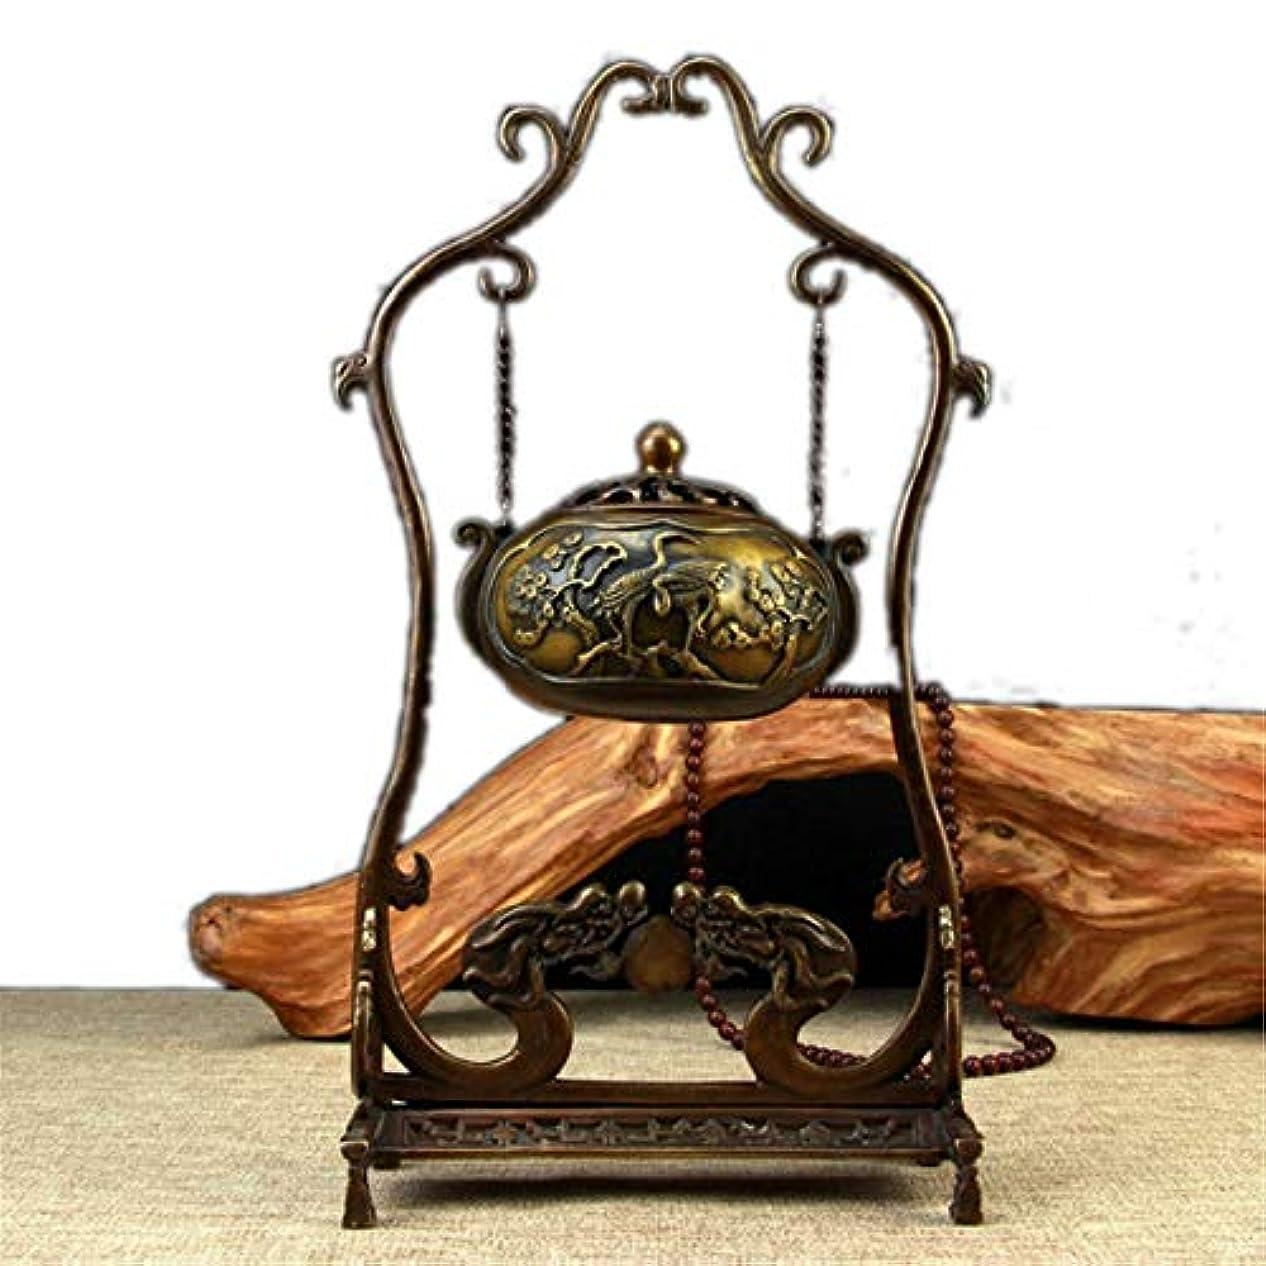 香炉の煙の逆流亜鉛合金香炉の円錐形のホールダー、家の芳香の付属品は家、オフィス、喫茶店、瞑想、ヨガ等のために適した